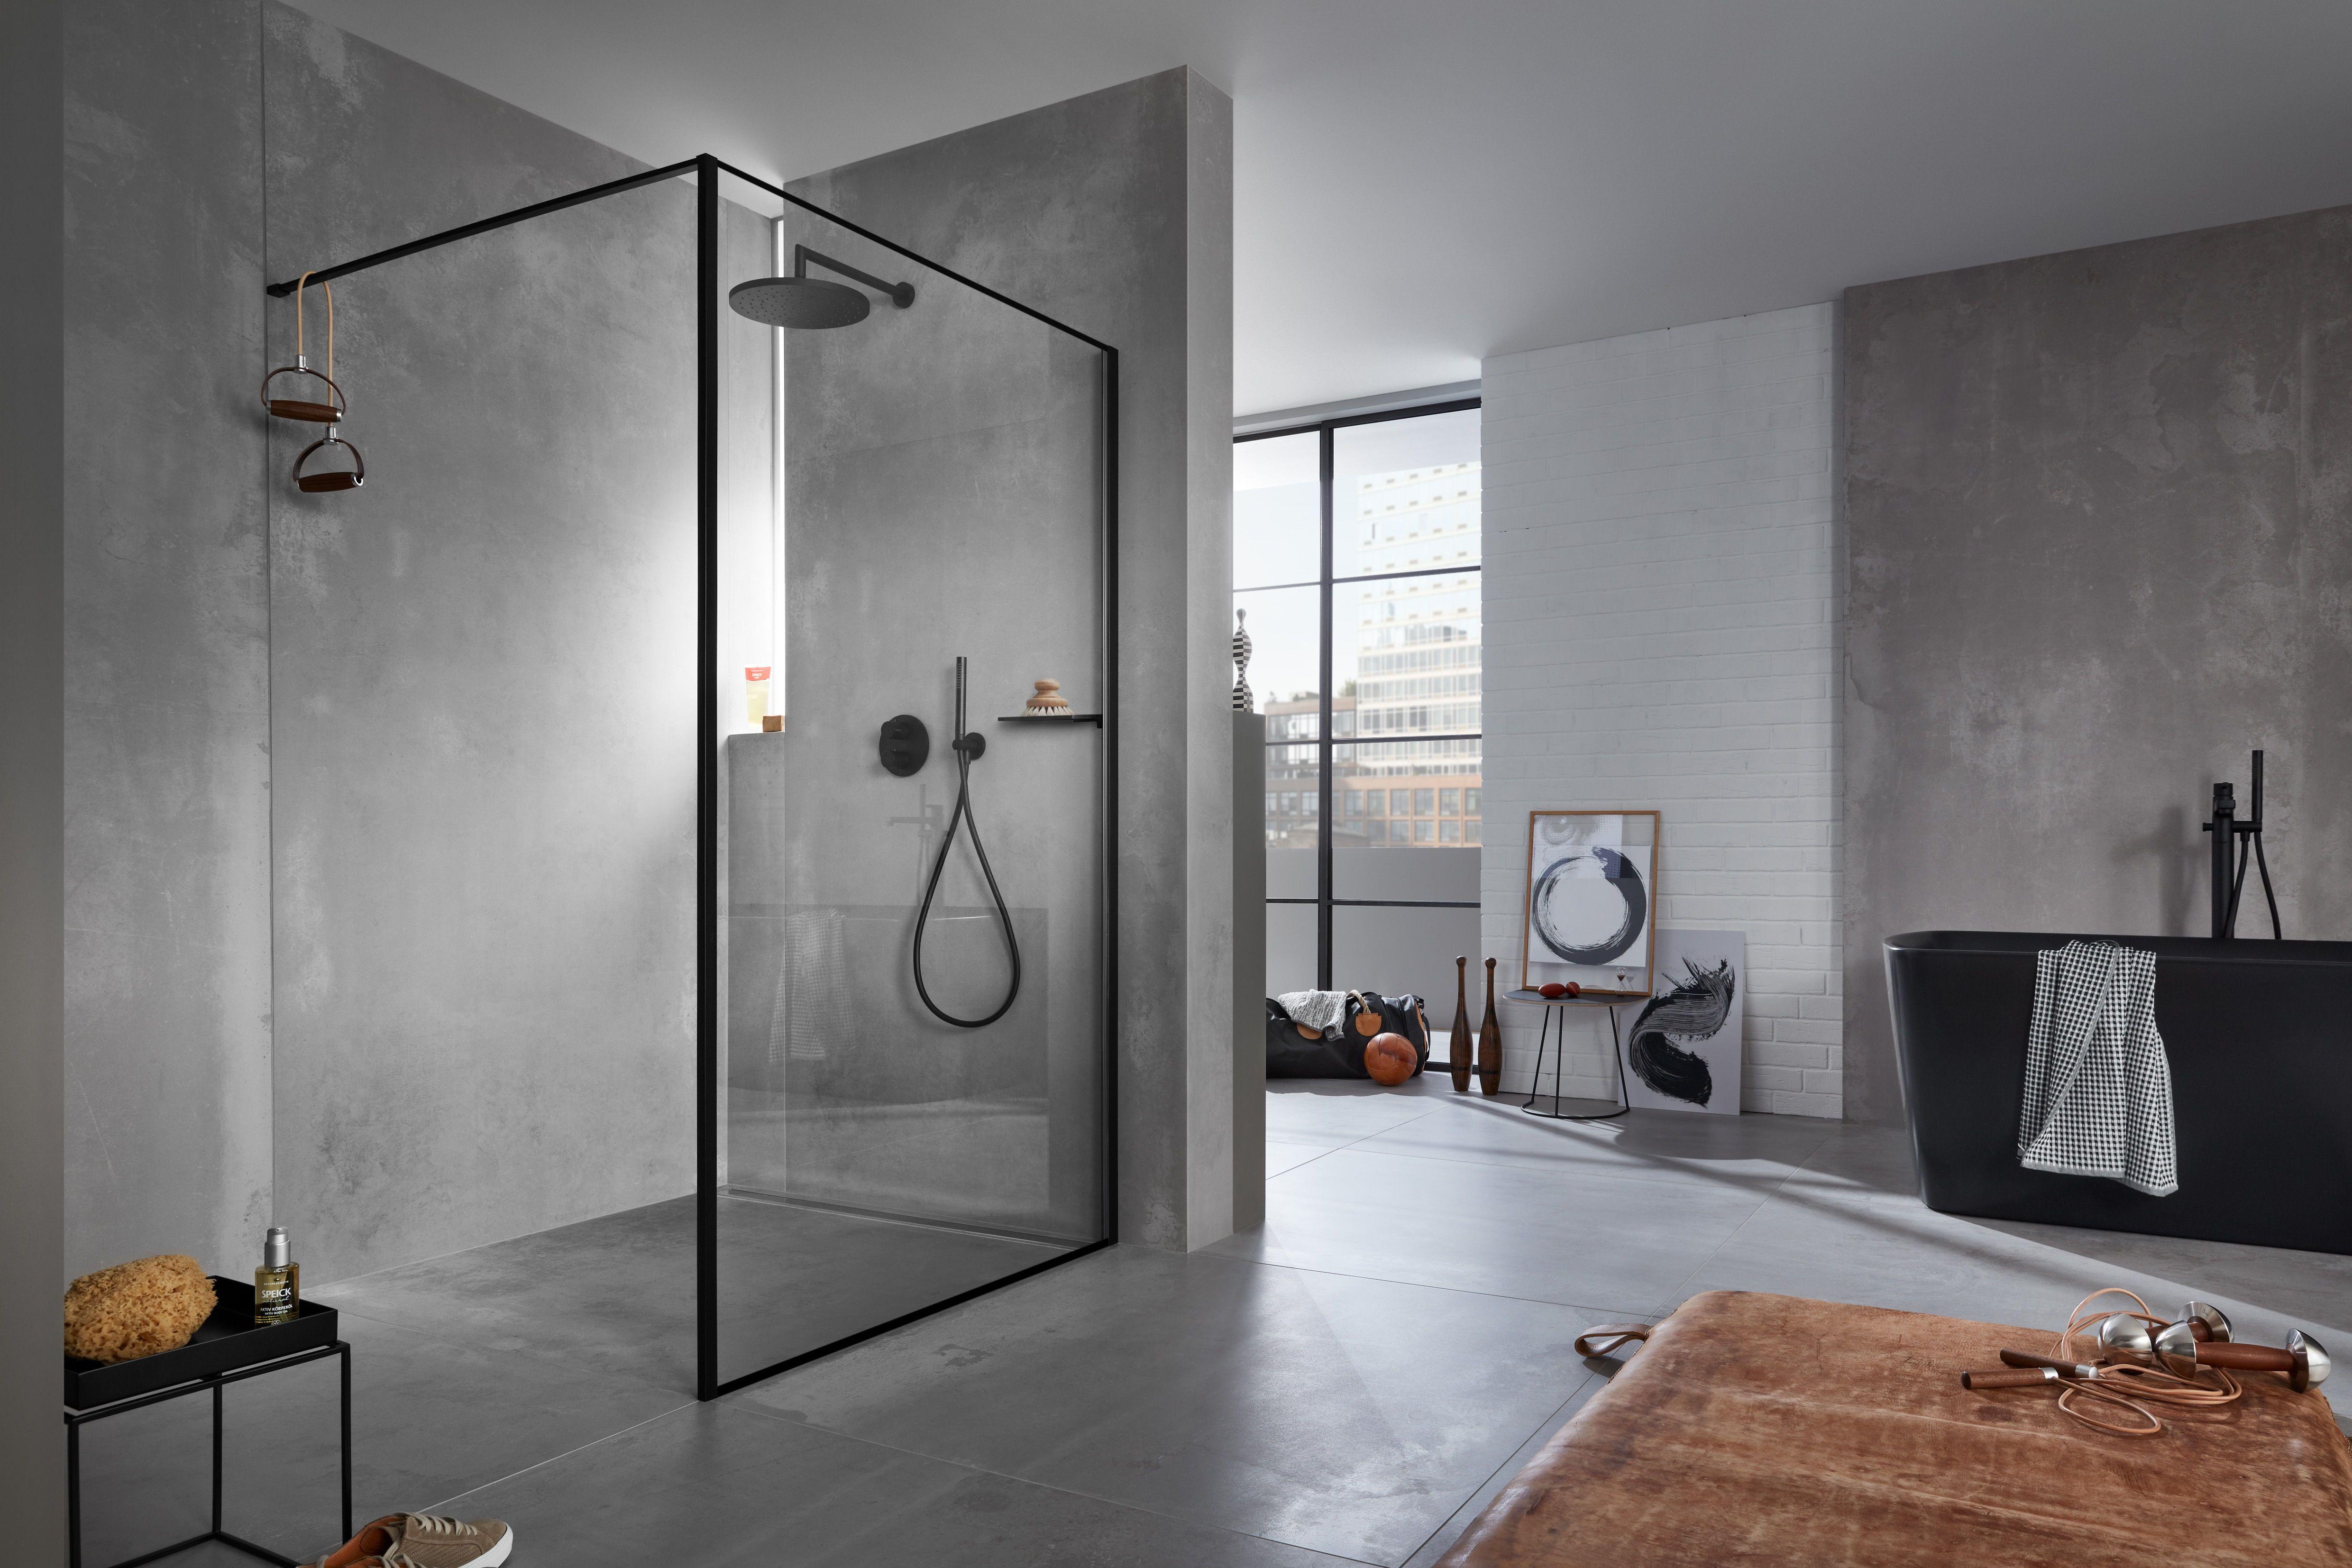 Neues Badezimmer Inspiration Planung Umsetzung In 2020 Neues Badezimmer Badezimmer Wohnen